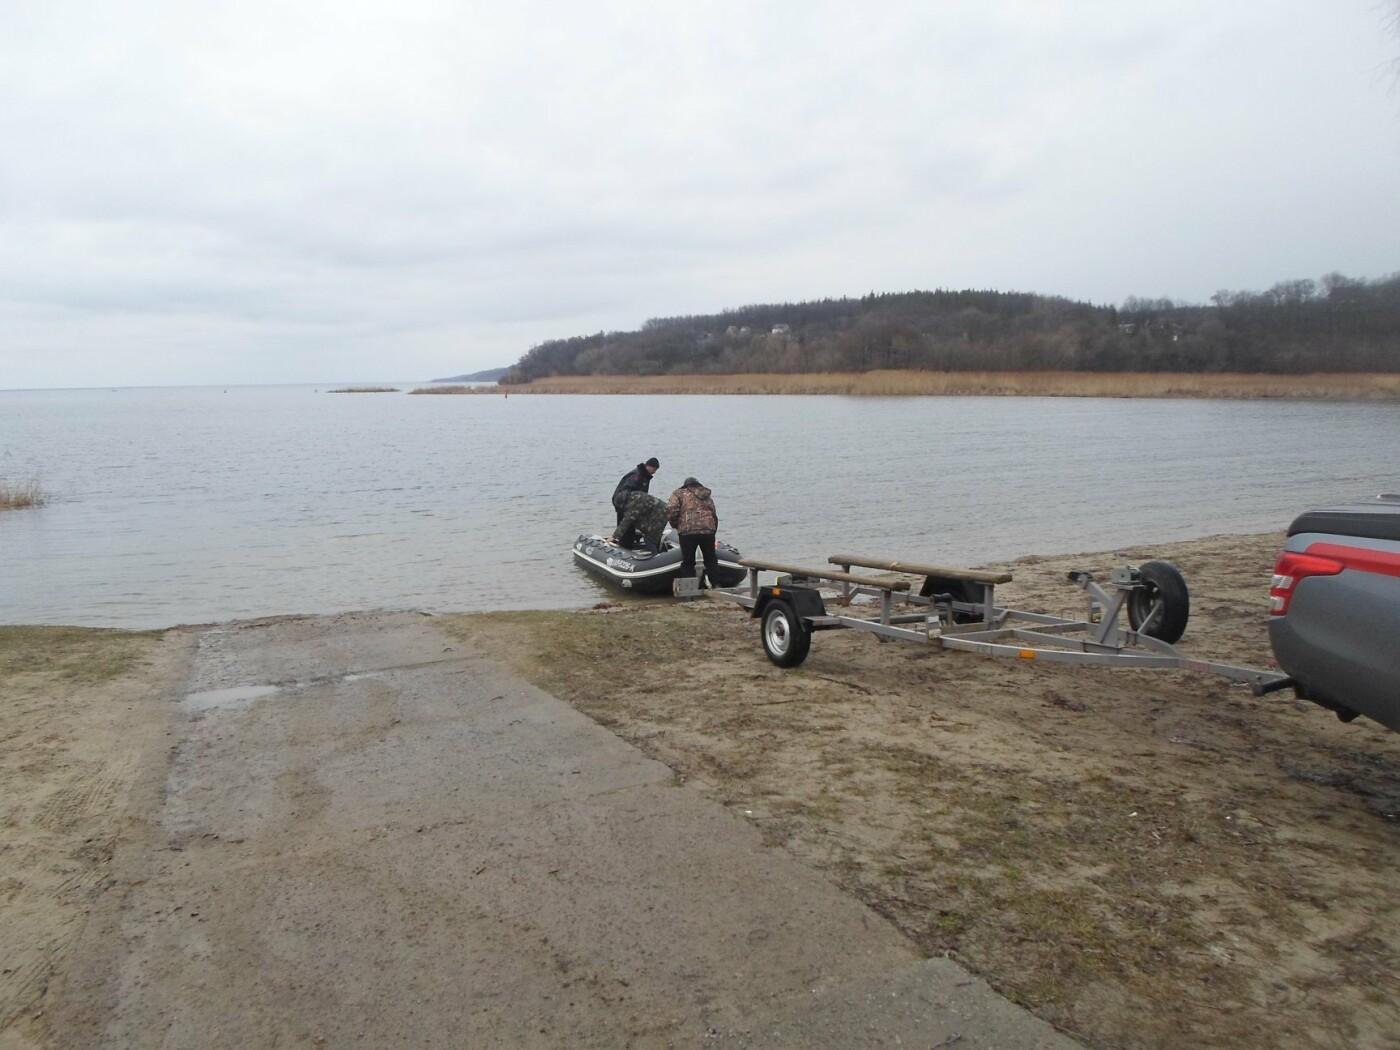 В Киевской области нашли тело рыбака, лодка которого перекинулась во время рыбалки, - ФОТО, фото-1, Фото ГСЧС в Киевской области